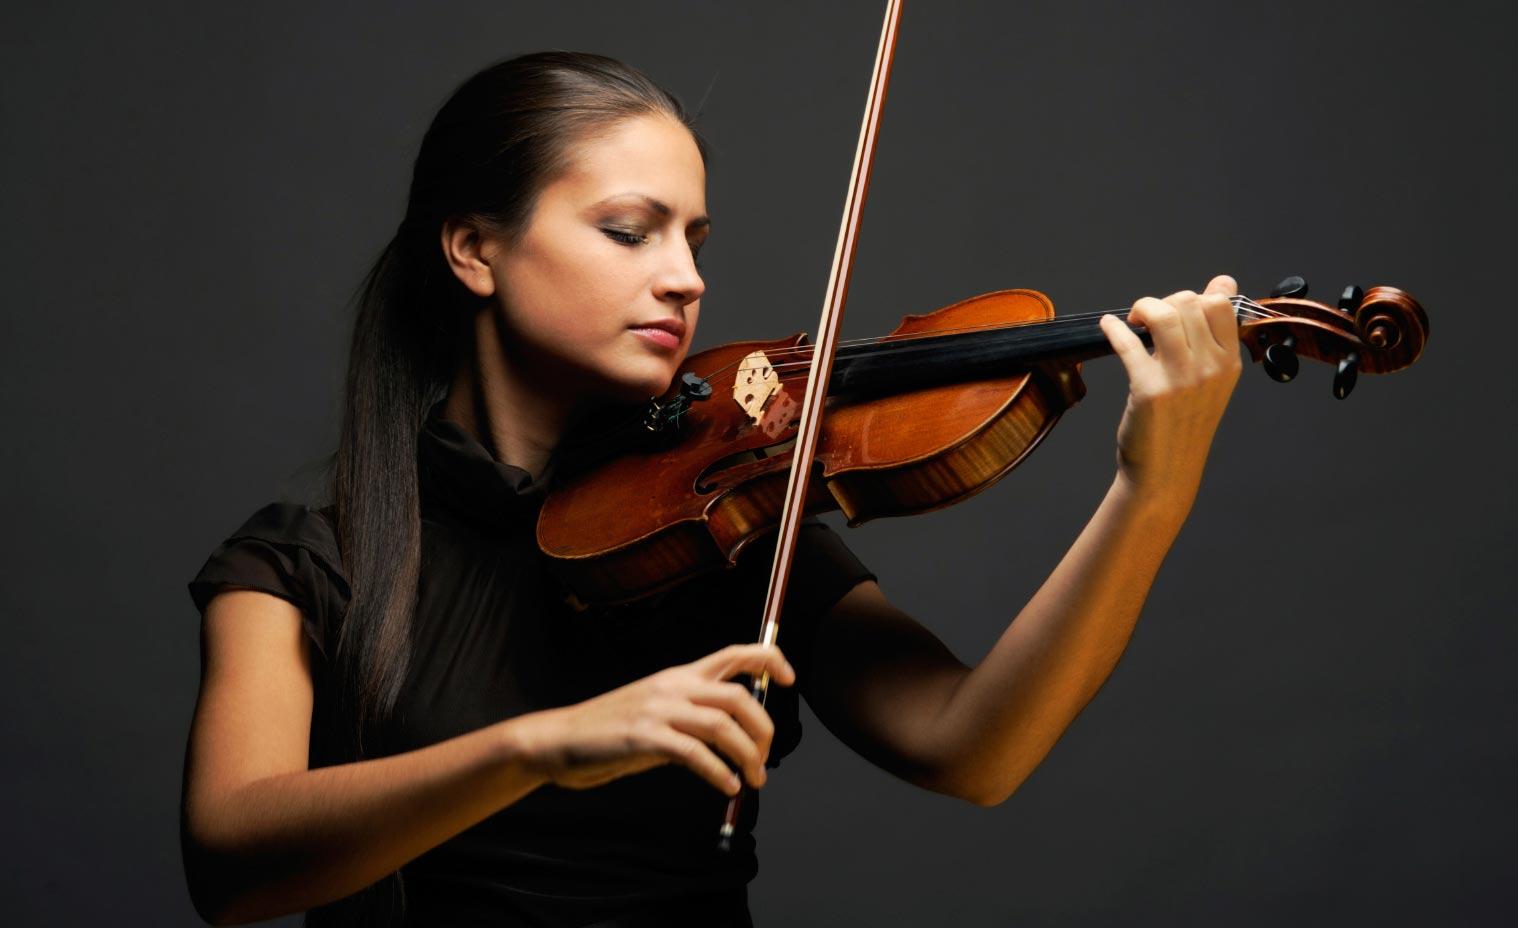 люблю скрипка з дрота фото также